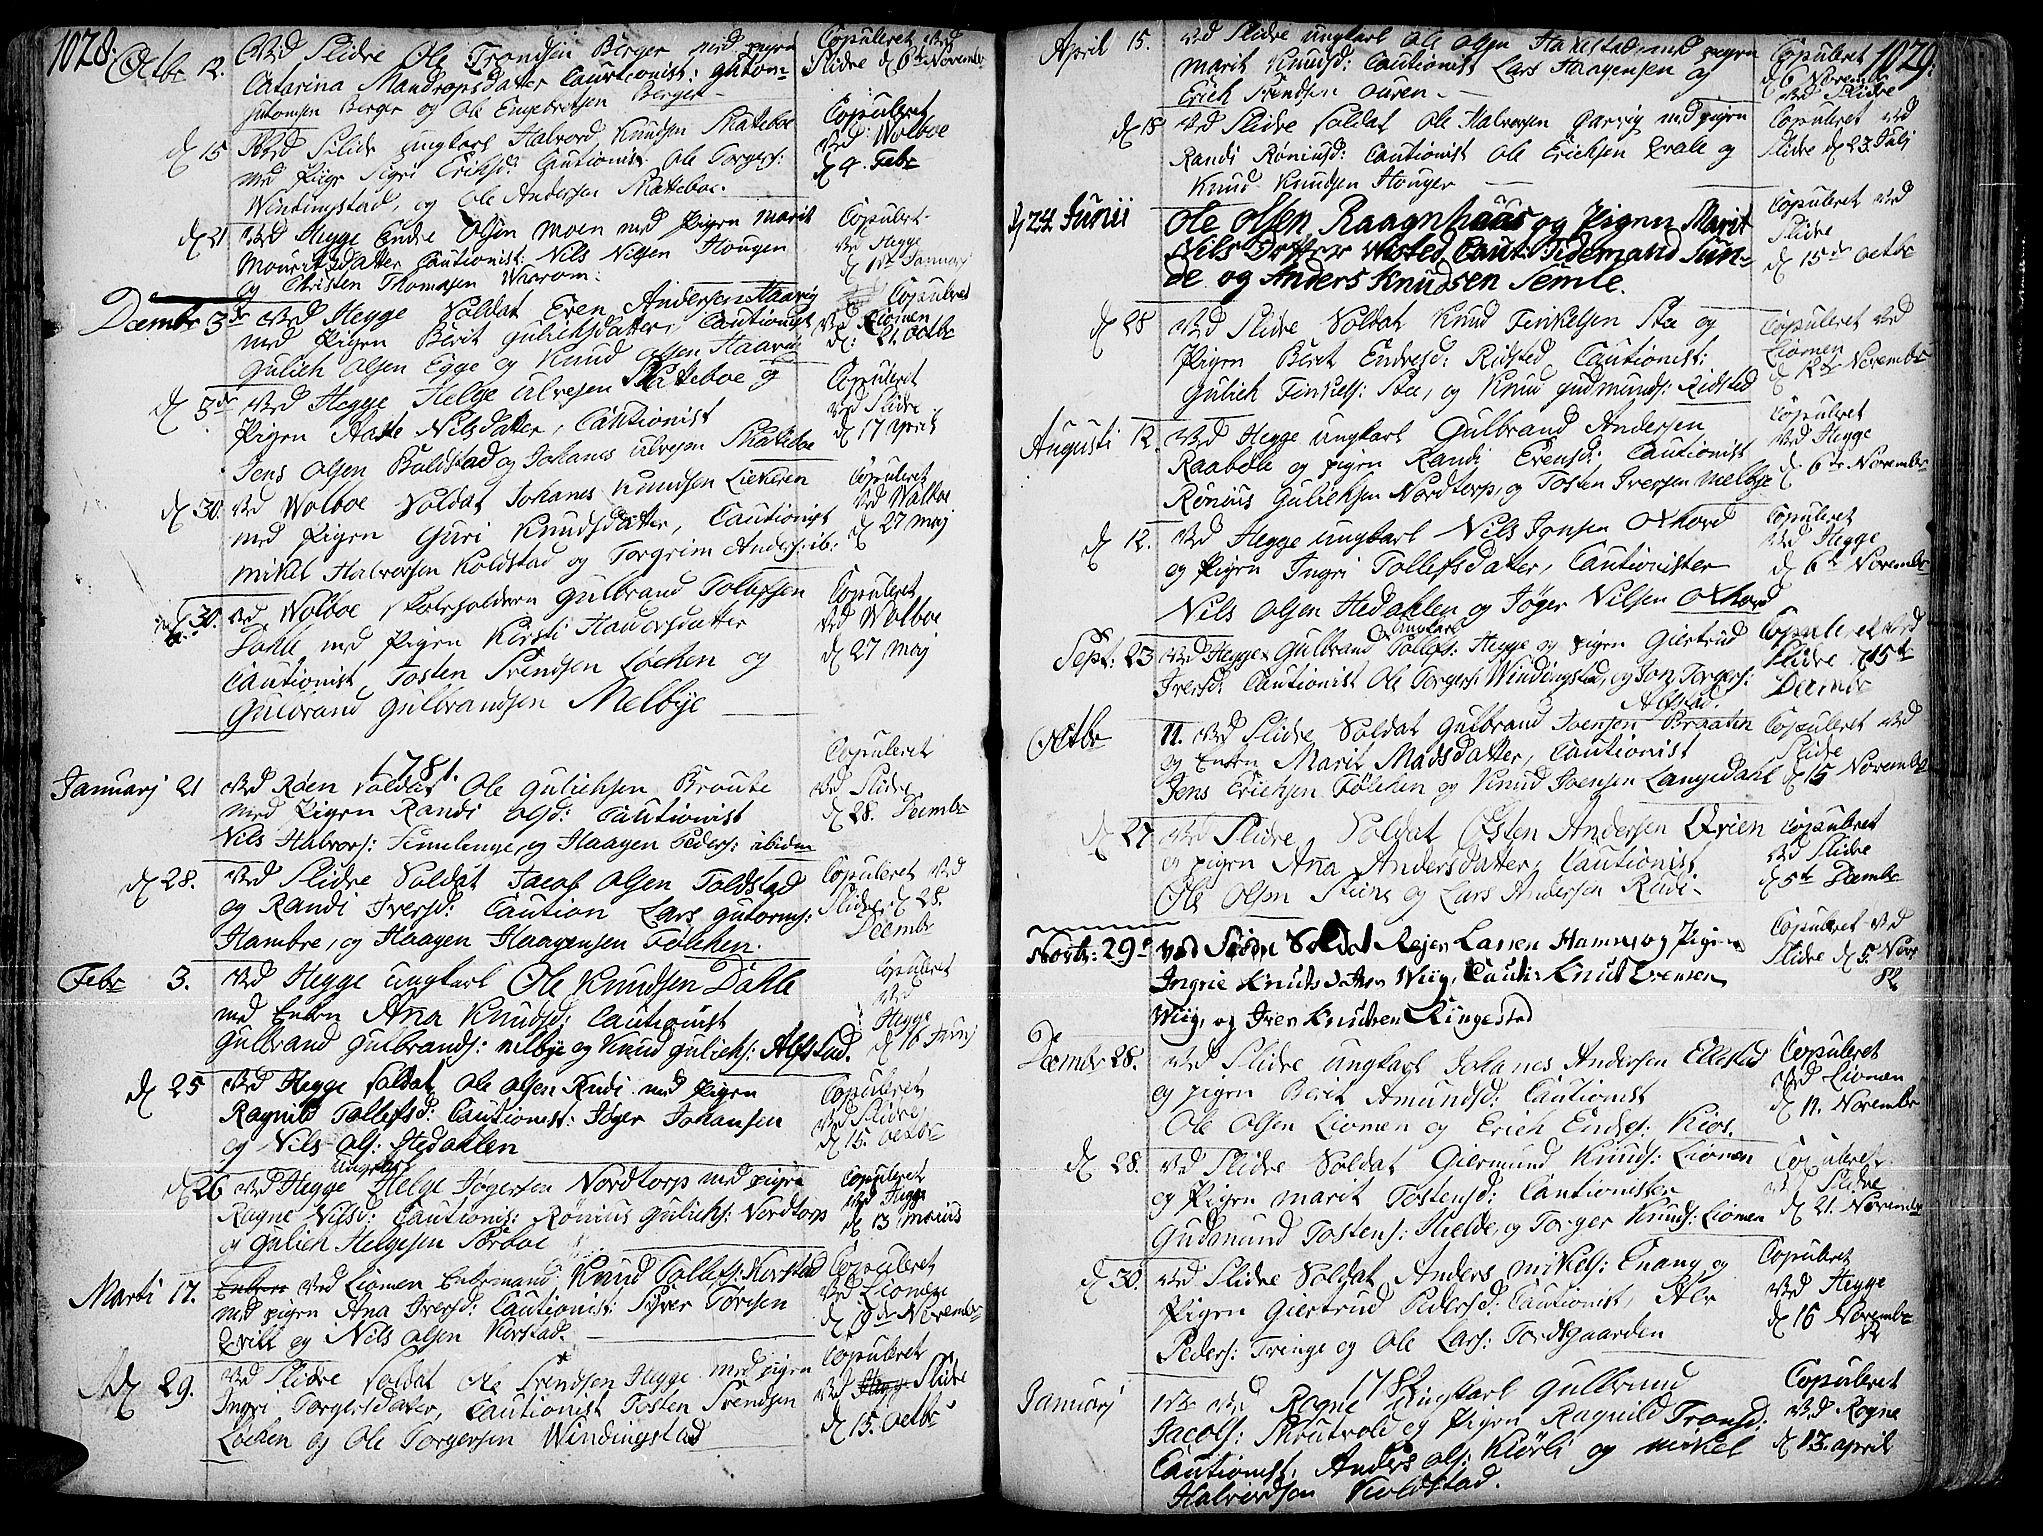 SAH, Slidre prestekontor, Ministerialbok nr. 1, 1724-1814, s. 1028-1029